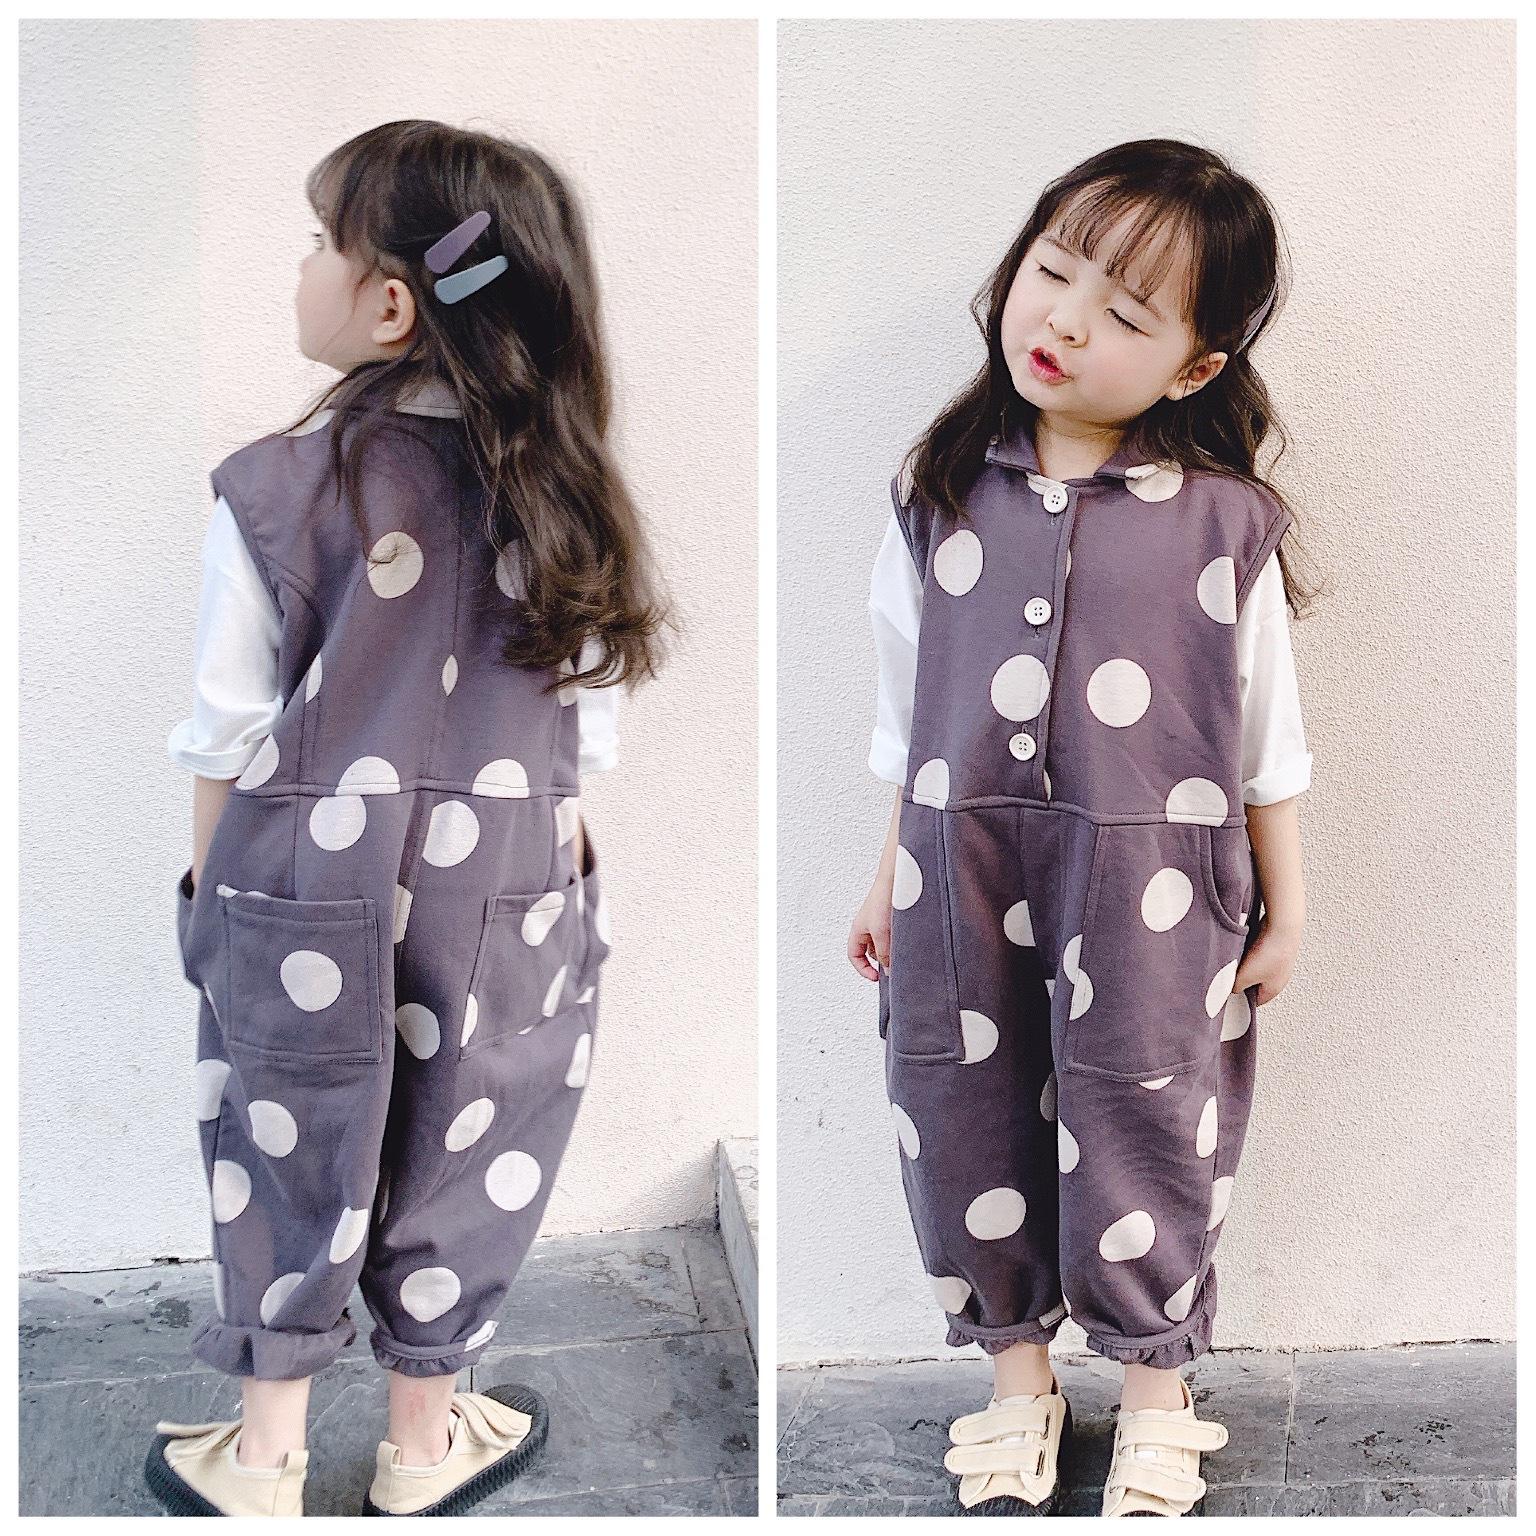 2020童装春夏款新品 儿童韩版波点连身衣衬衫款背带裤 8